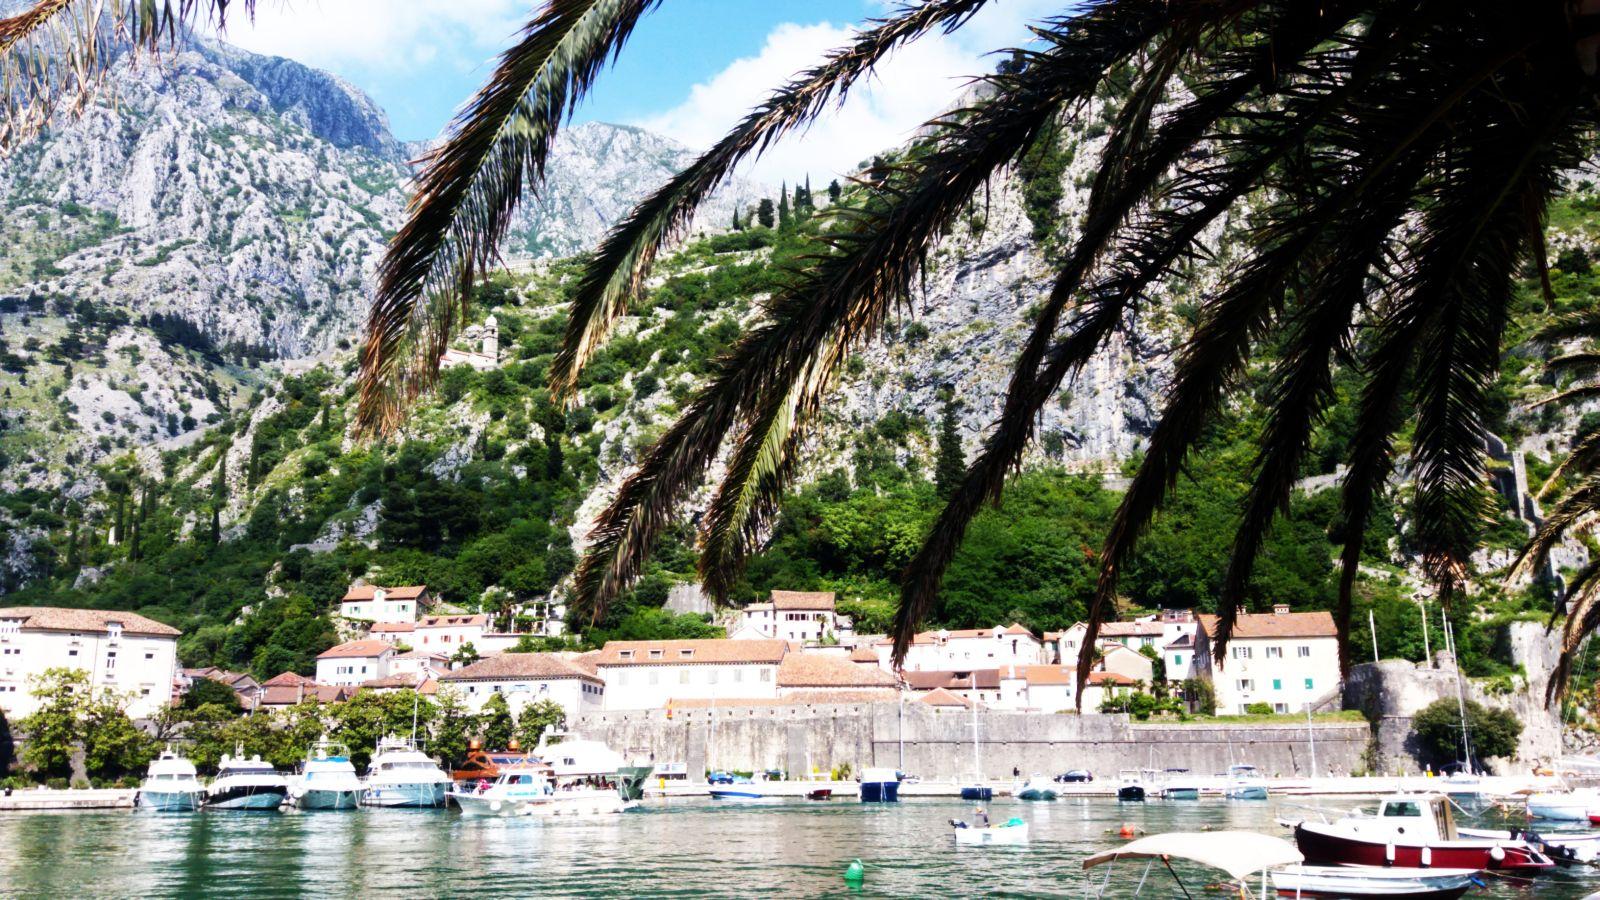 W Zatoce Kotorskiej mamy góry, morze i palmy na jednym obrazku